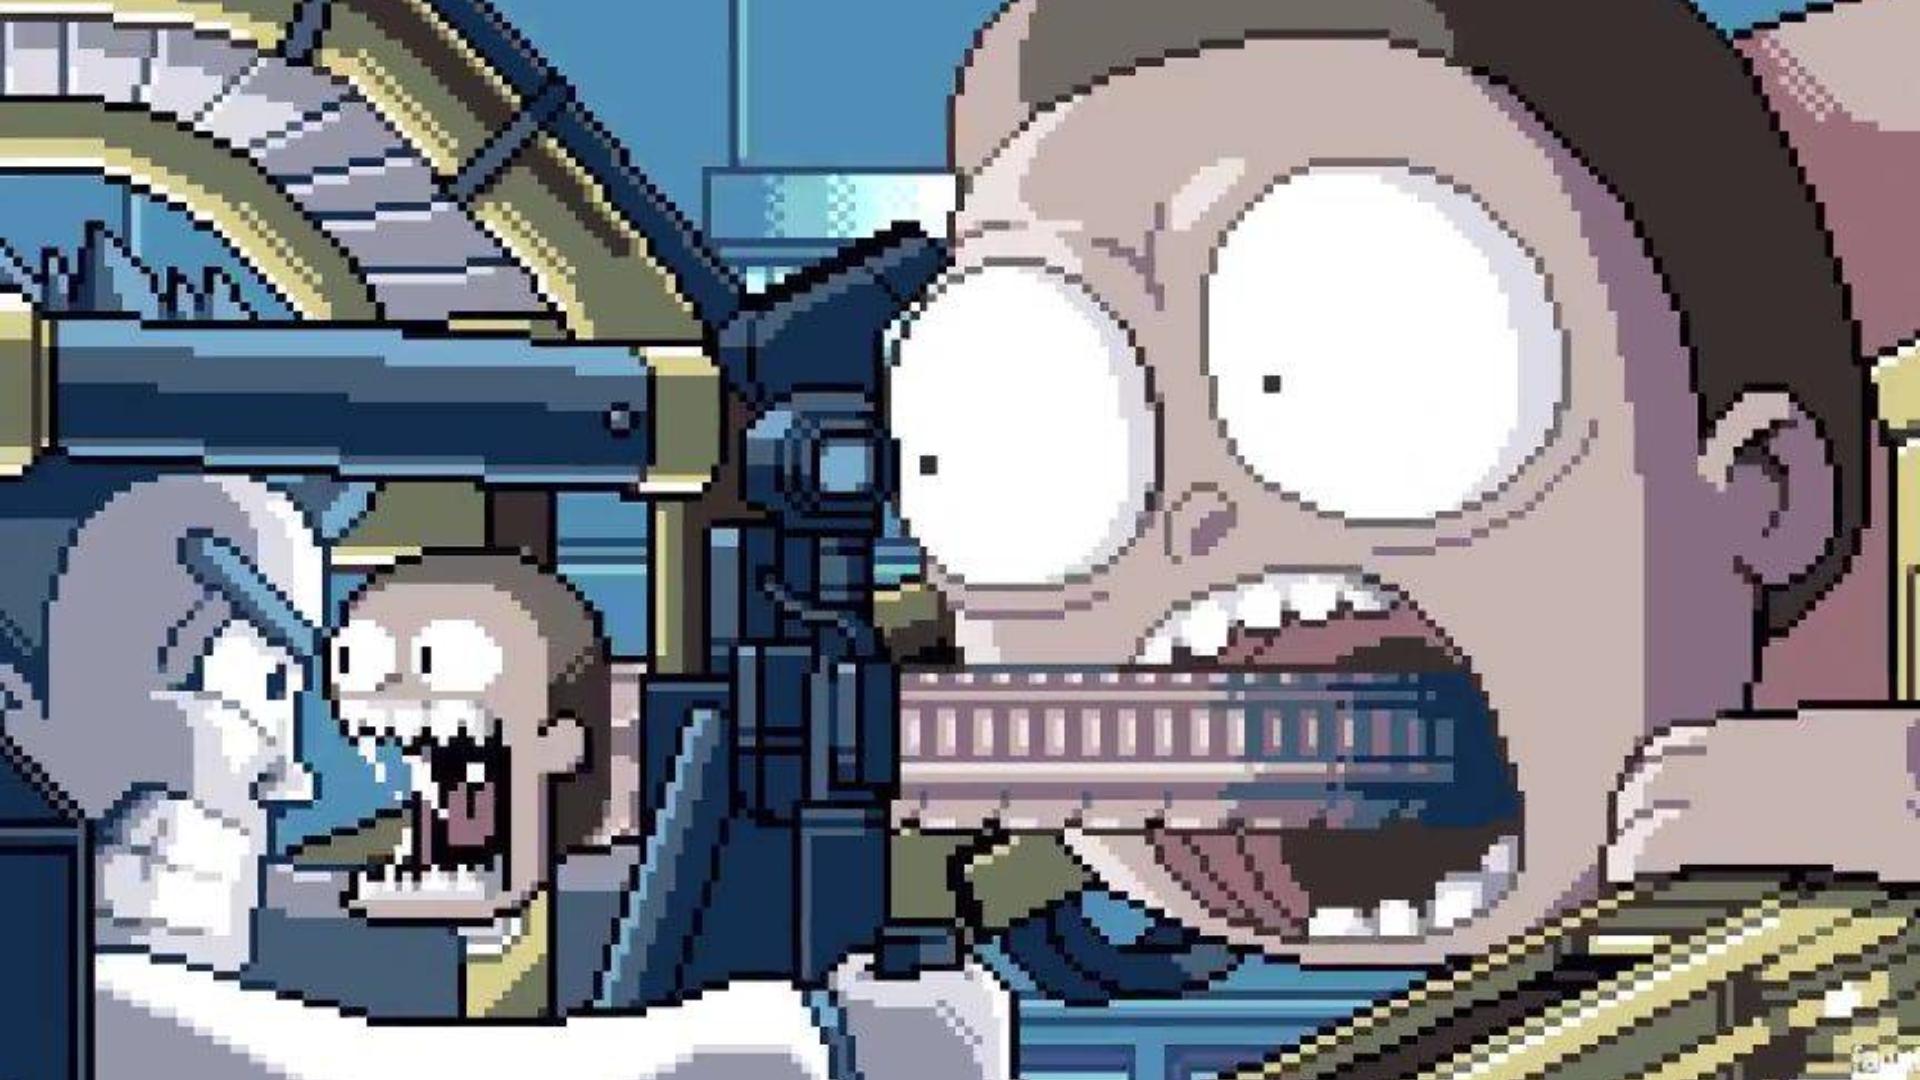 【瑞克和莫蒂】宇宙频道 像素动画